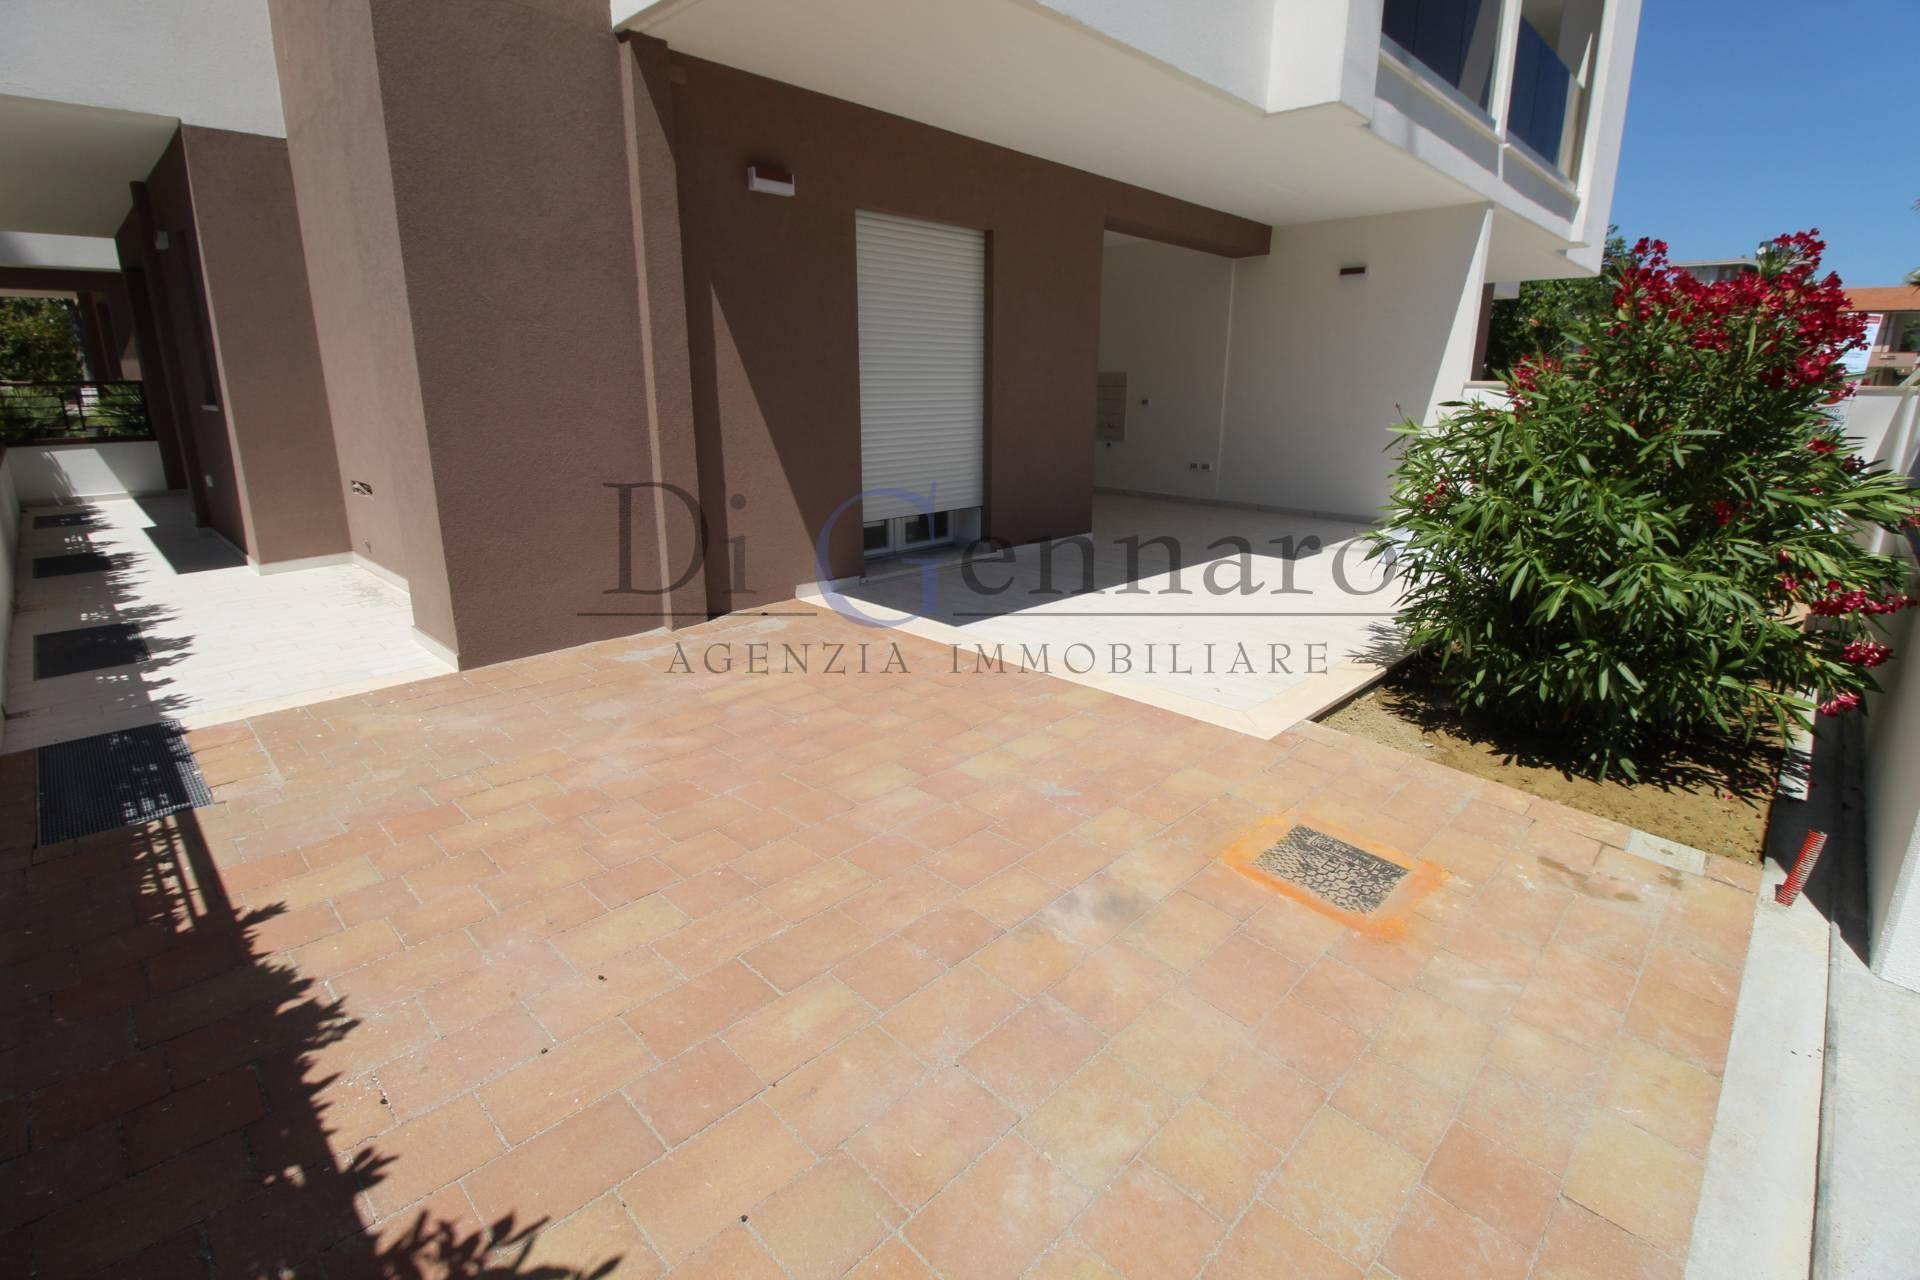 Appartamento in vendita a Alba Adriatica, 3 locali, zona Località: ZonaMare, prezzo € 180.000 | CambioCasa.it